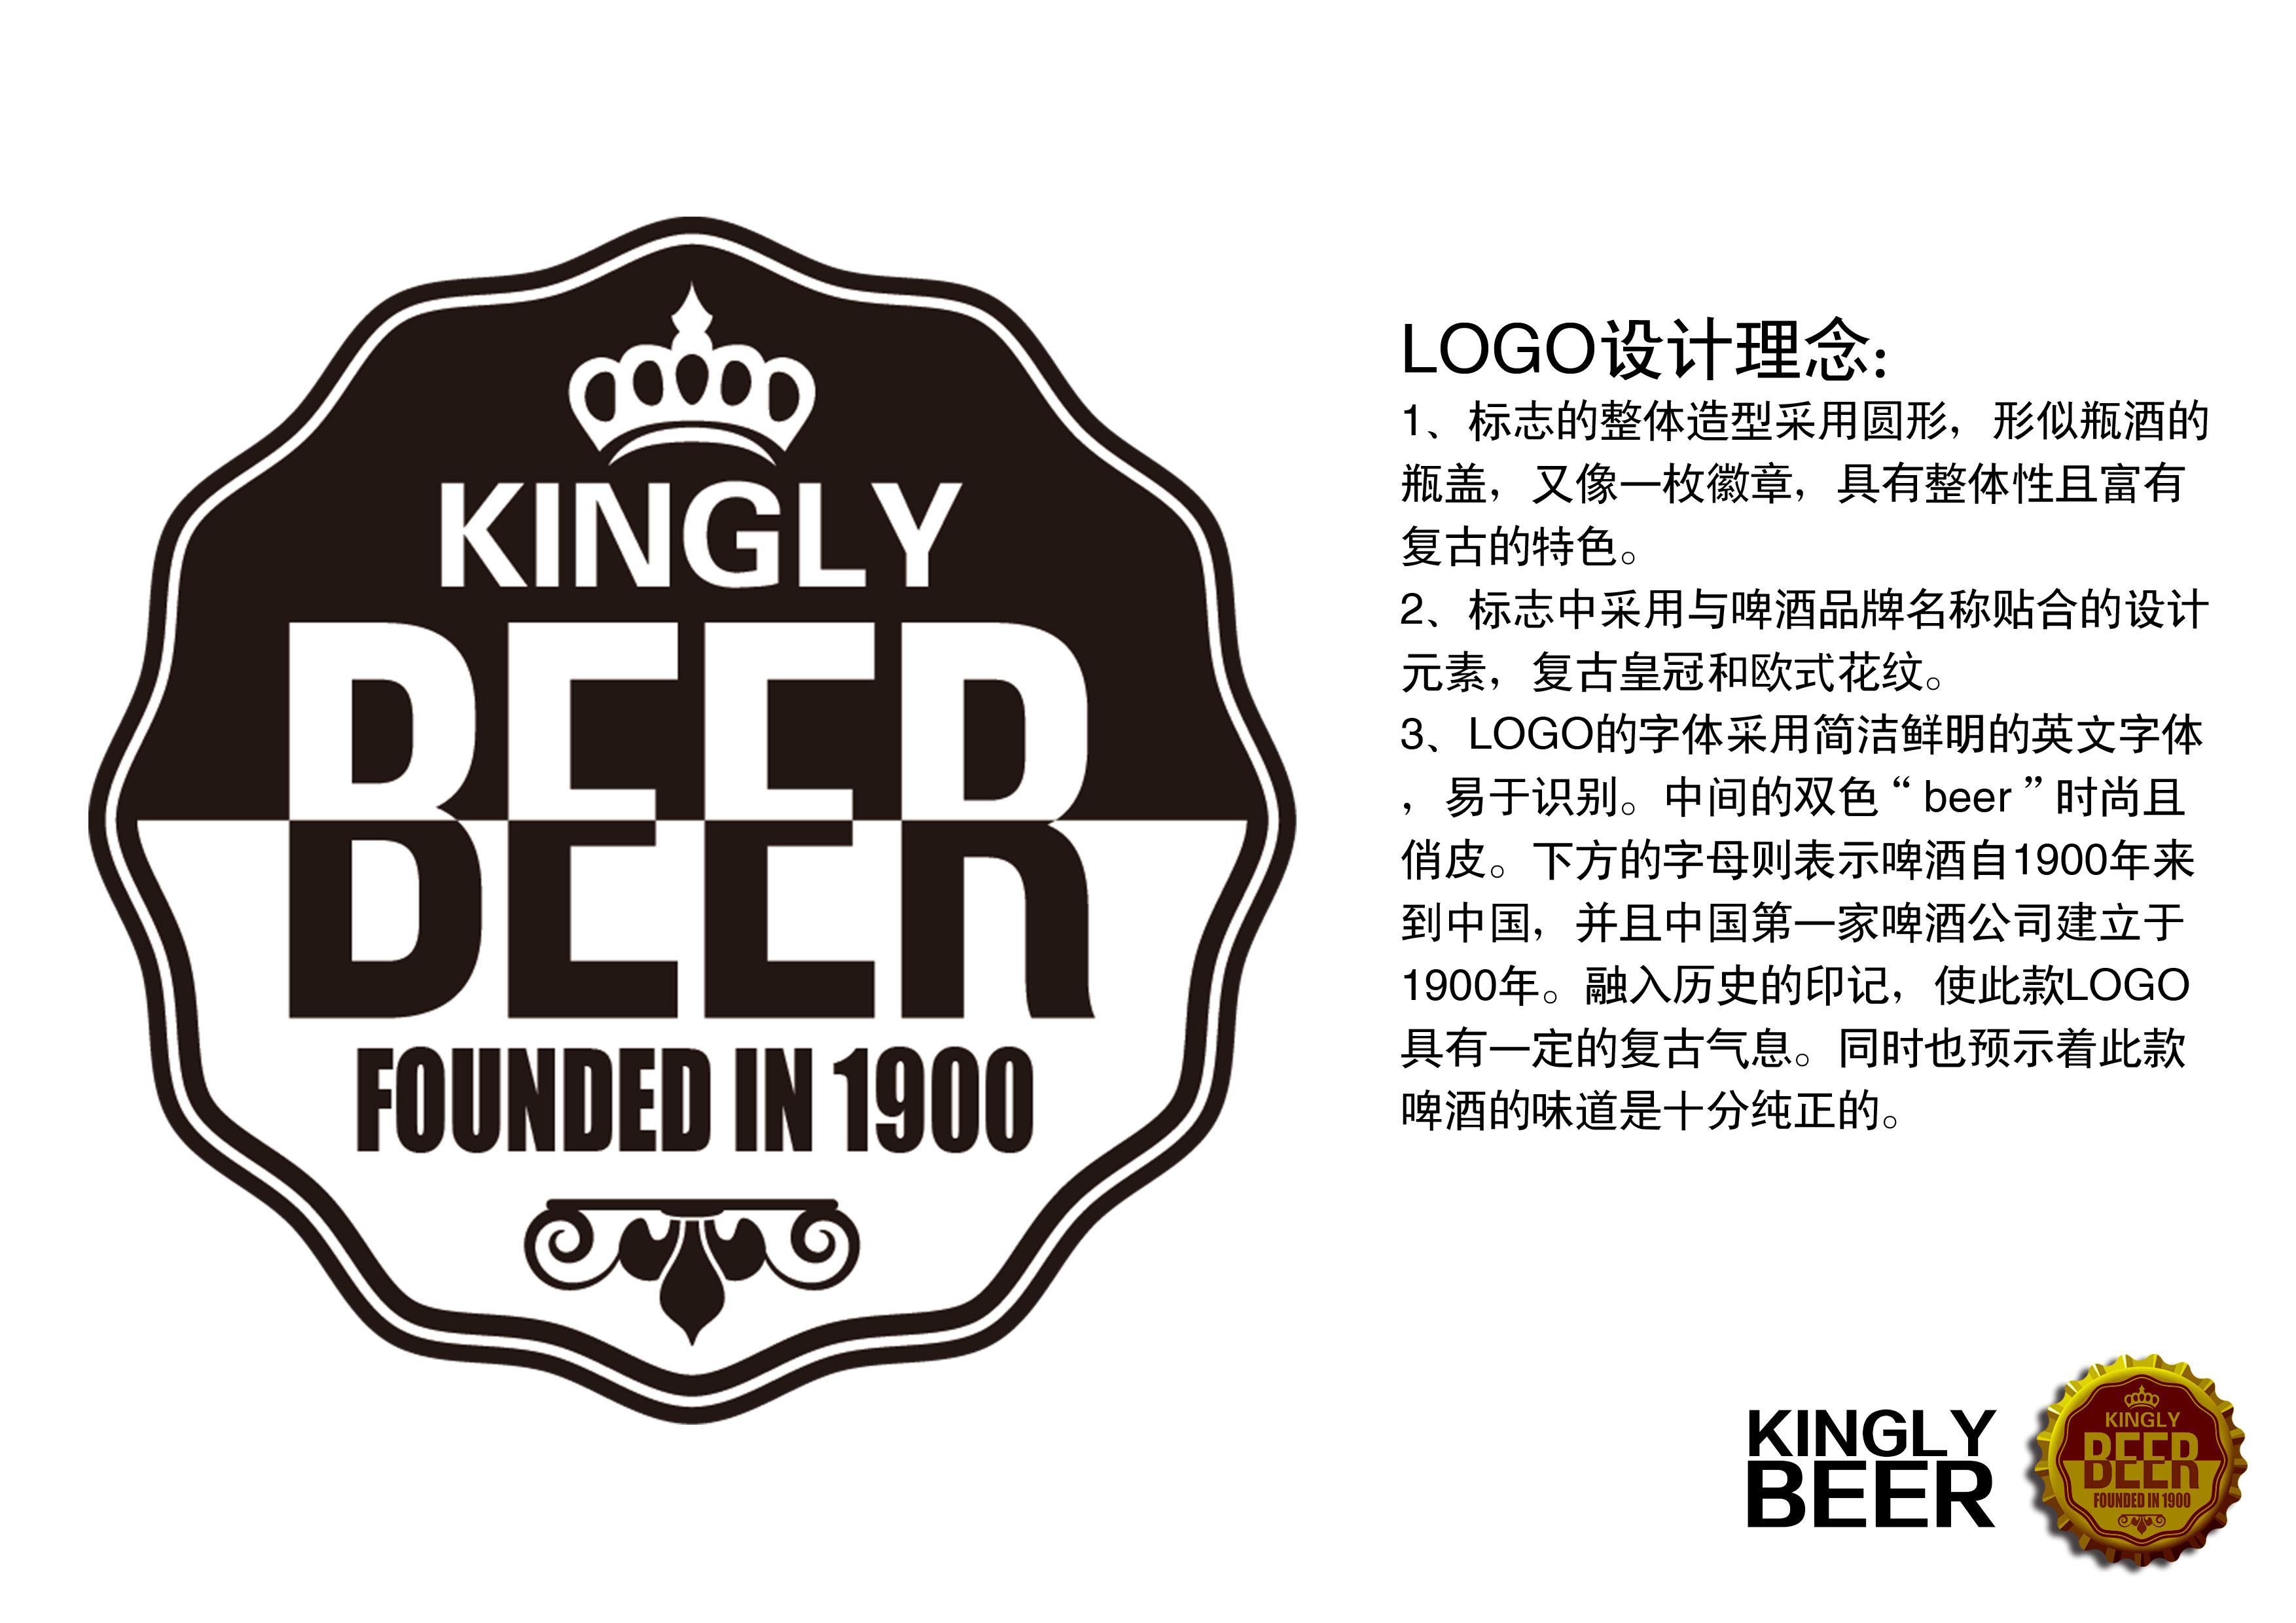 品牌啤酒logo设计